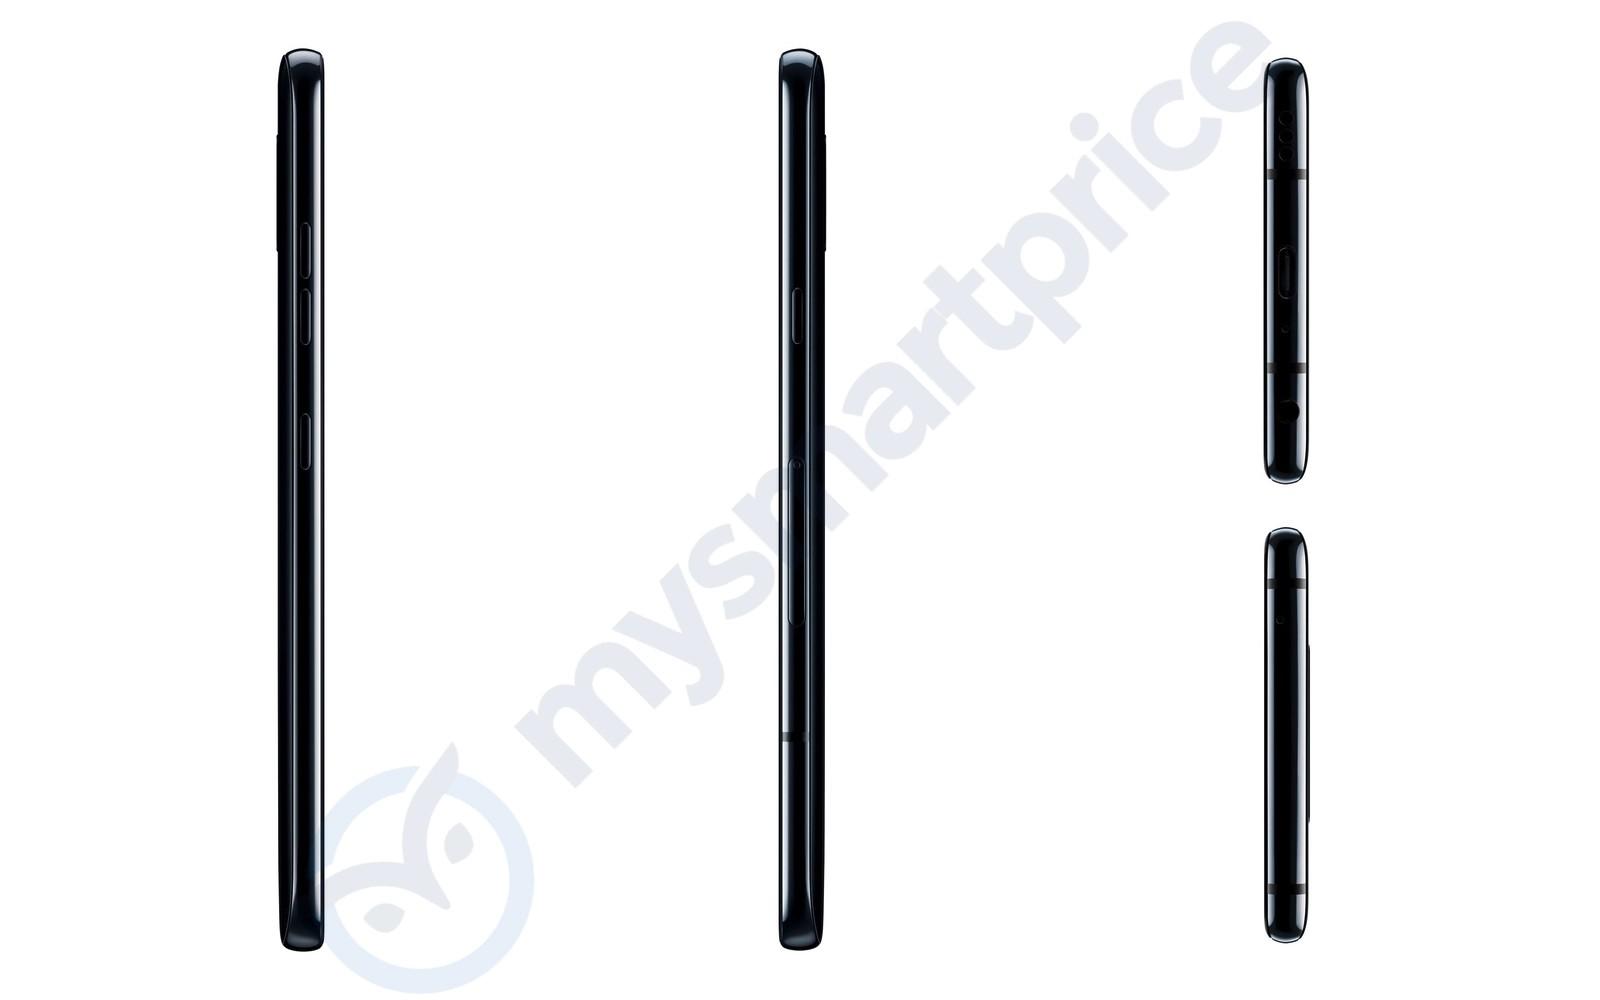 Рендеры LG V40 ThinQ подтверждают наличие у смартфона пяти камер и выреза на экране